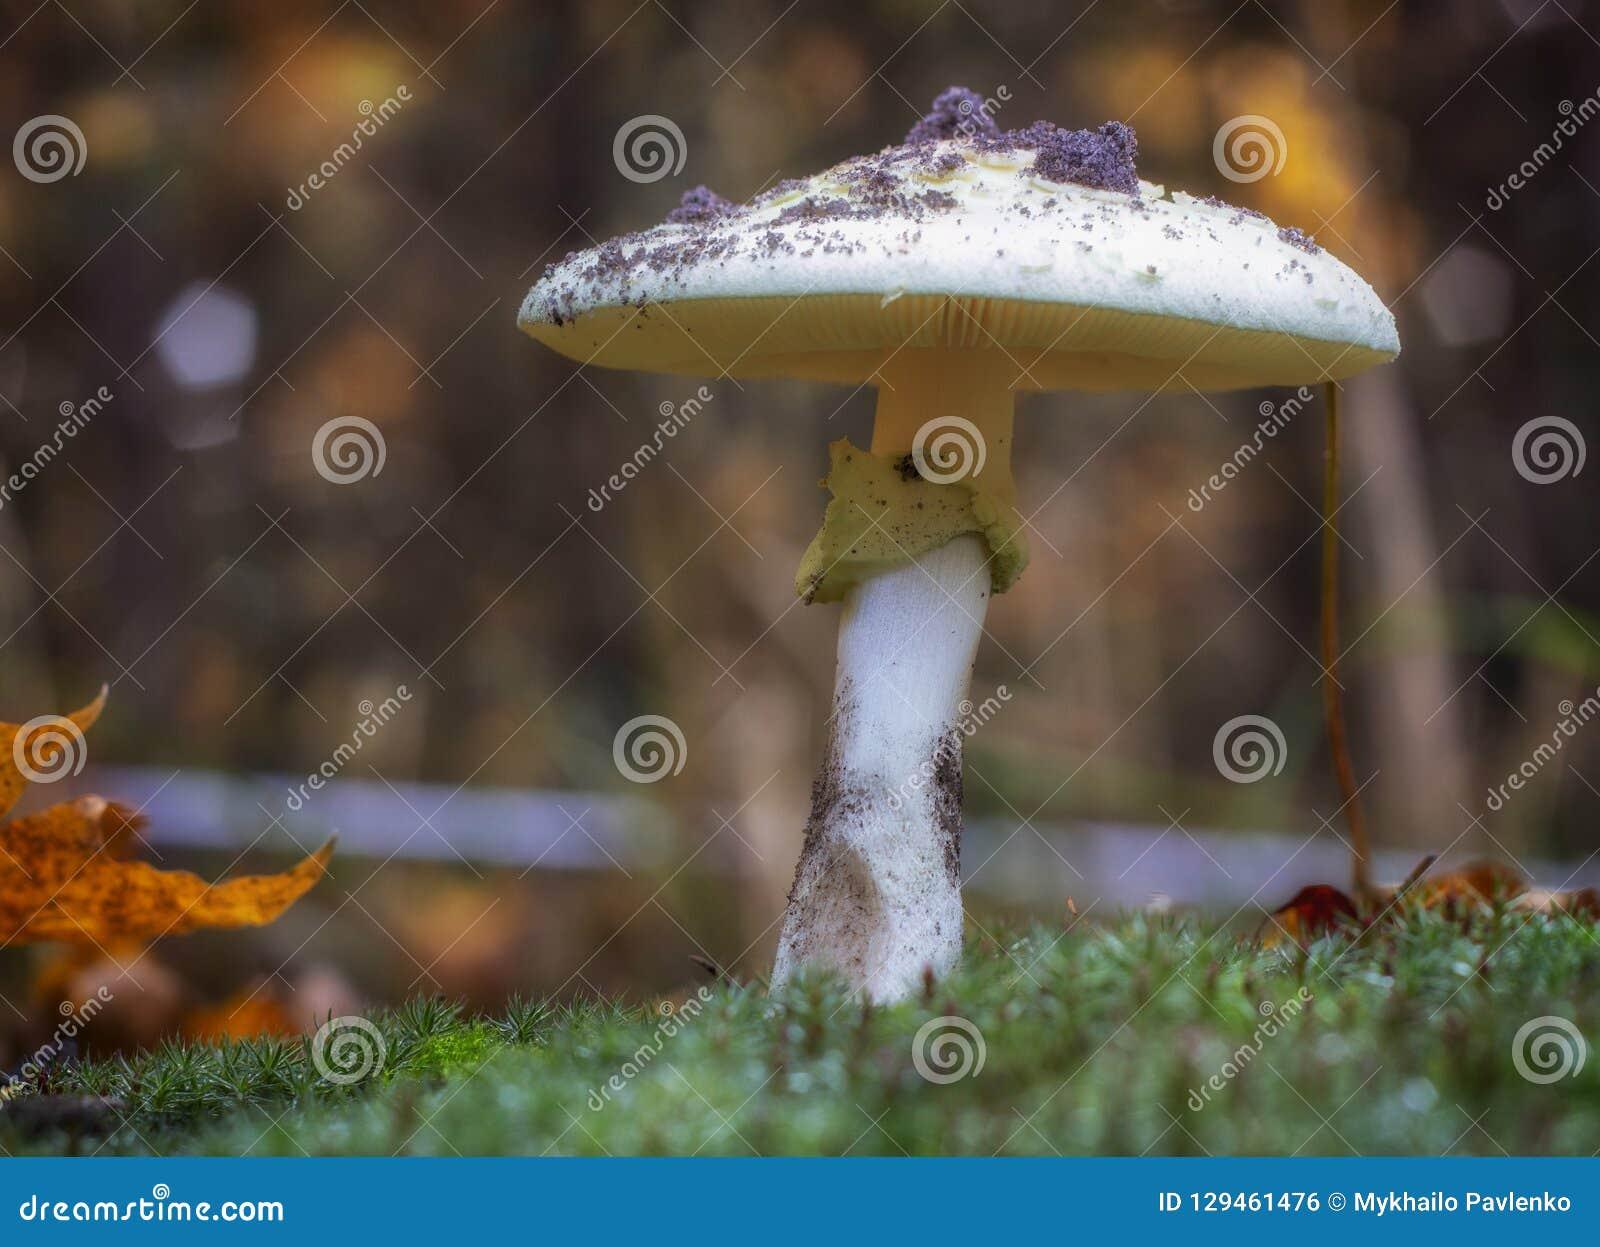 Amanita Phalloides grzyb, jadowity temat w dzikiej górze zamkniętej w górę deszczowego dnia na